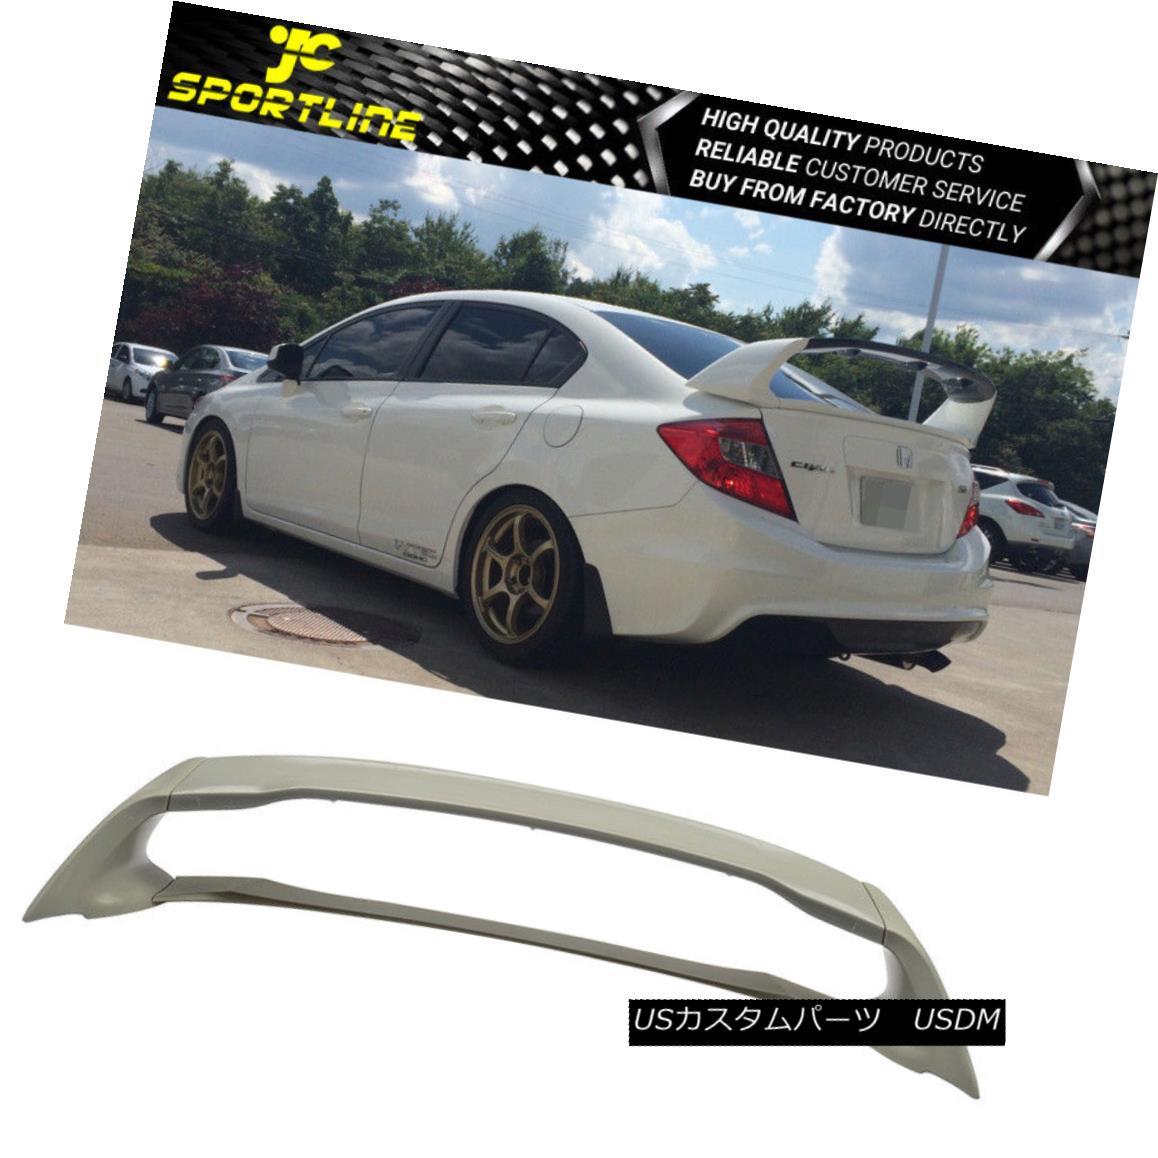 エアロパーツ Fits 2012-2015 Honda Civic 4Dr MUG Style Trunk Spoiler Unpainted 4Pcs 2012-2015 Honda Civic 4Dr MUGスタイルトランク・スポイラー未塗装4個入り